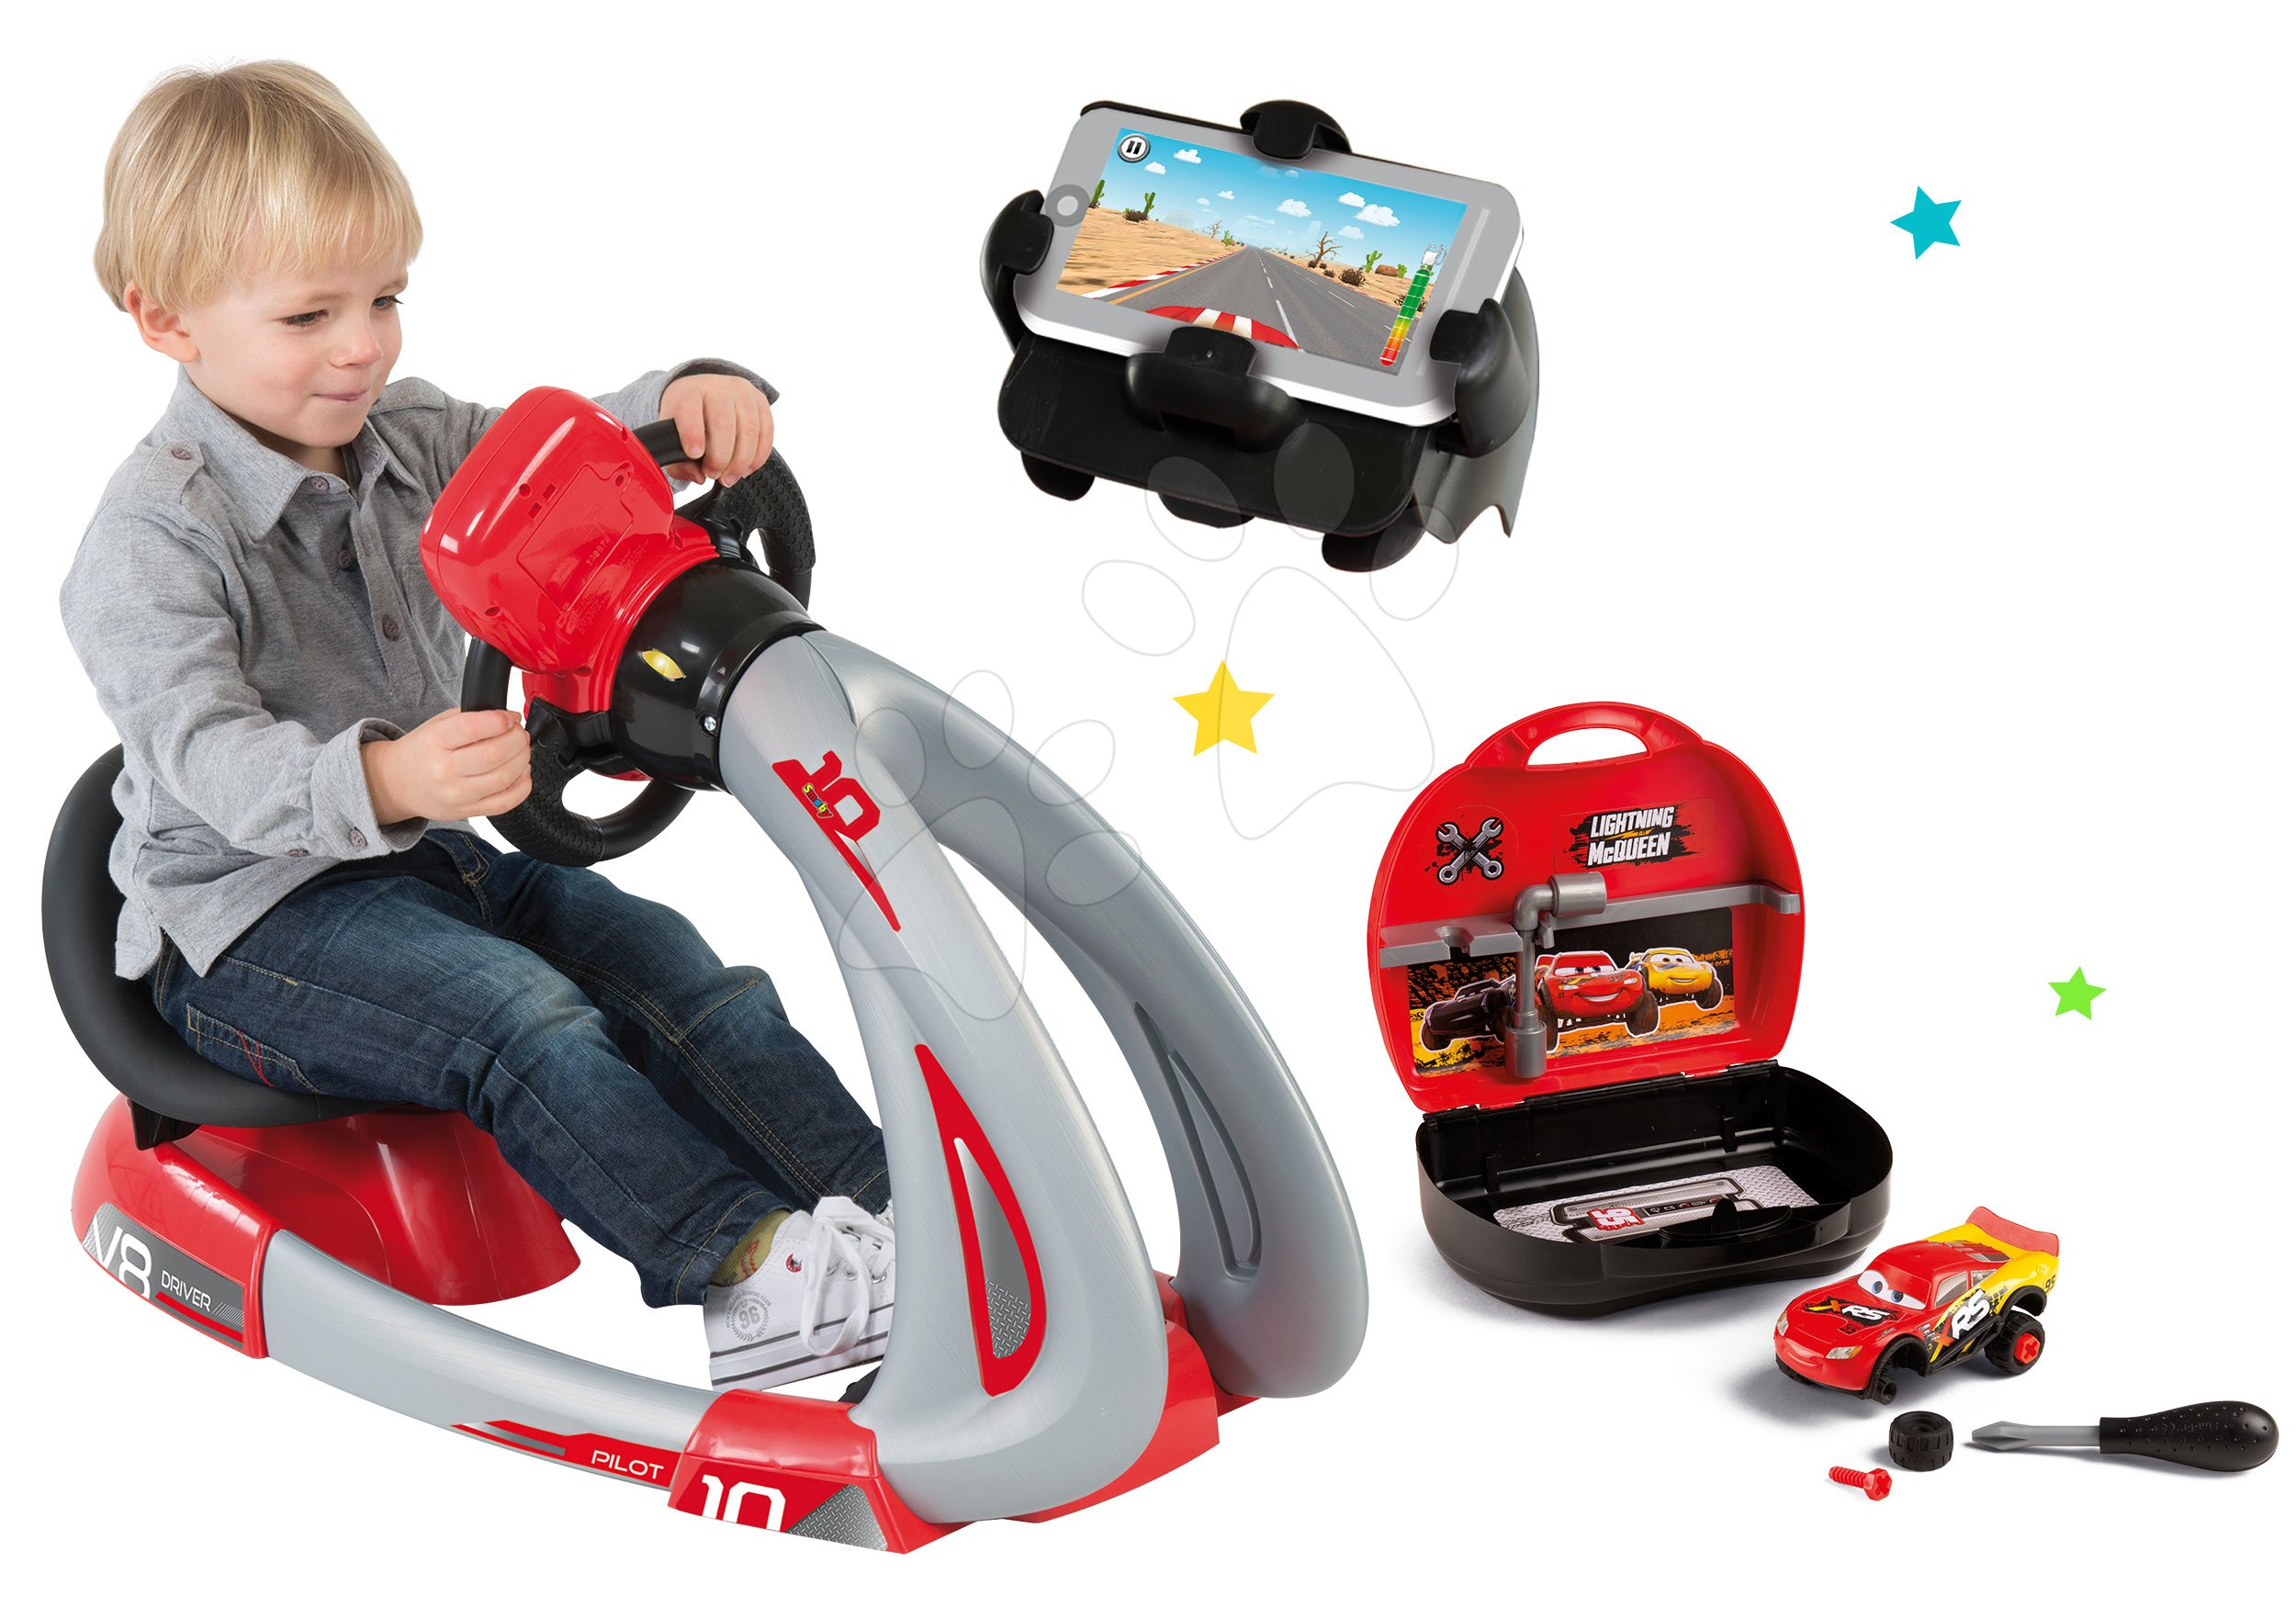 Smoby dětský elektronický trenažér V8 Driver a autoservis s autem McQueen 370206-1